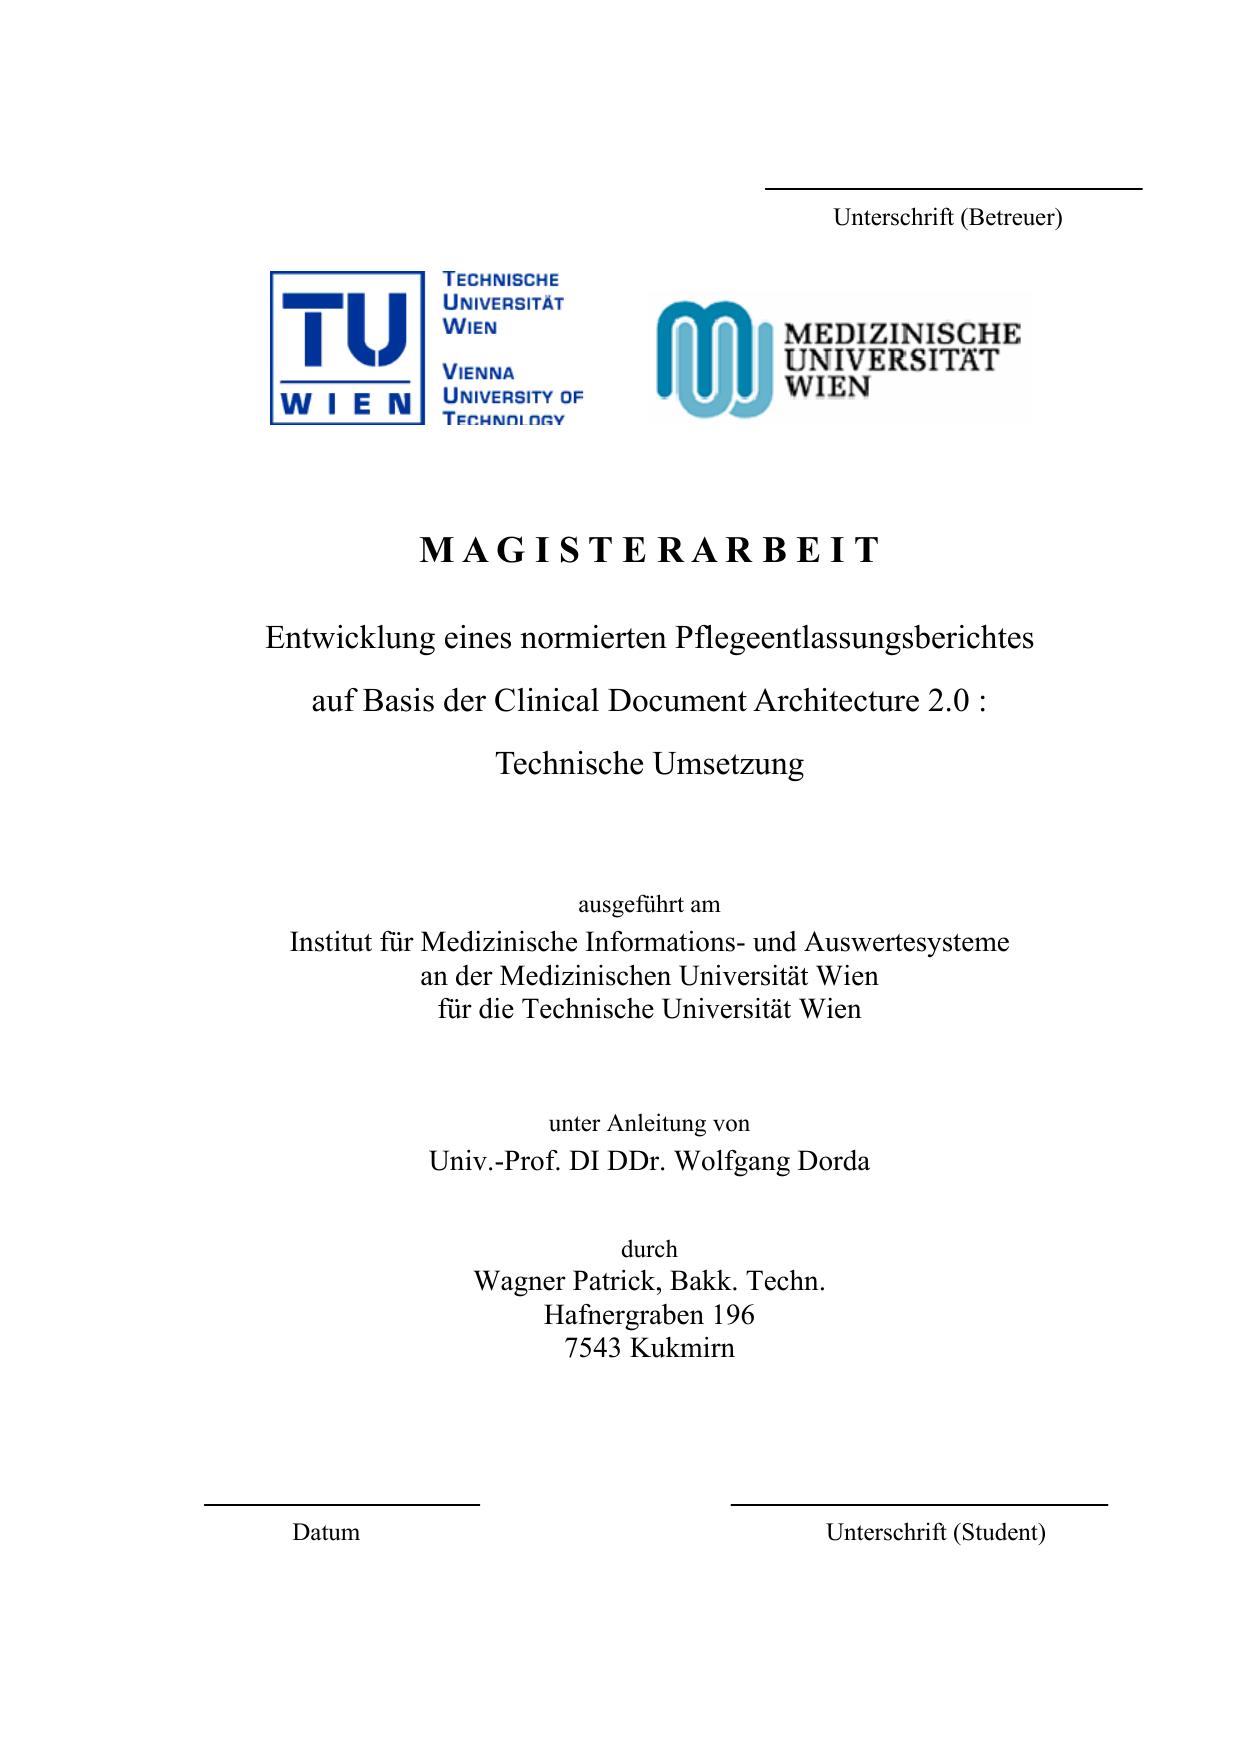 M A G I S T E R A R B E I T - Medizinische Universität Wien ...